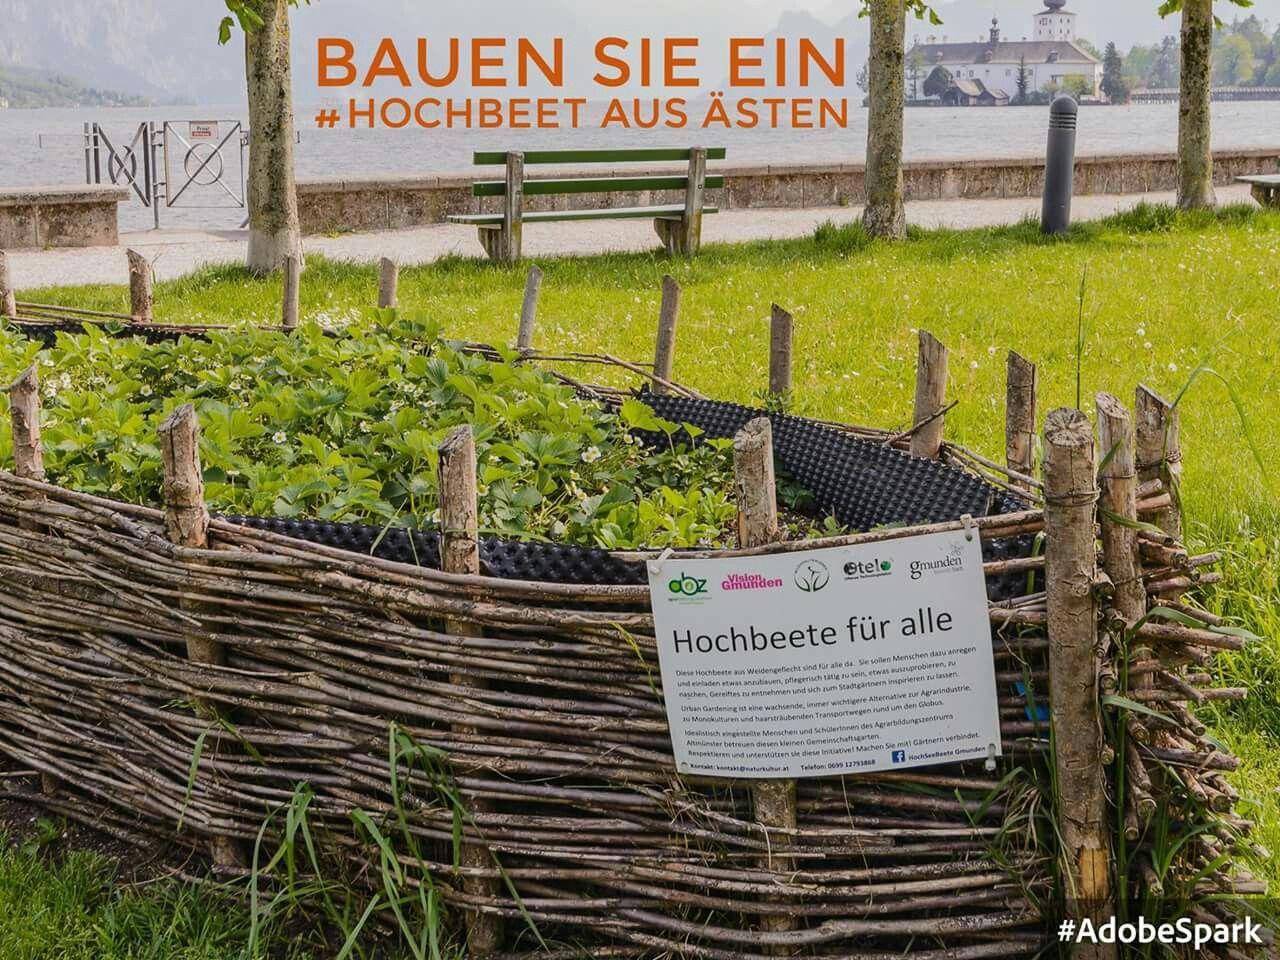 ein hochbeet aus sten k nnen sie ganz einfach selbst bauen von naturimgarten gibt es hier. Black Bedroom Furniture Sets. Home Design Ideas